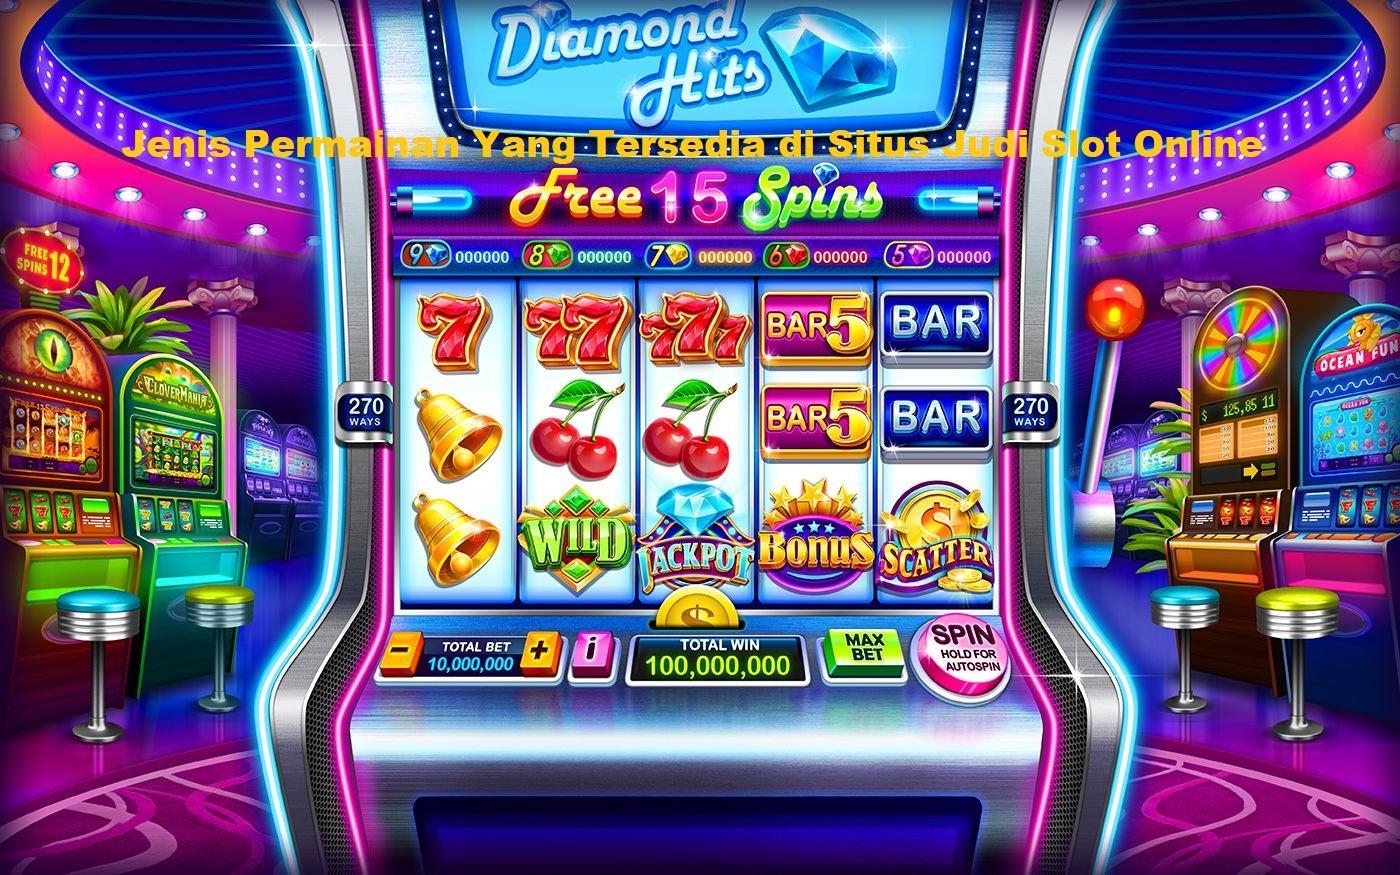 Jenis Permainan Yang Tersedia di Situs Judi Slot Online